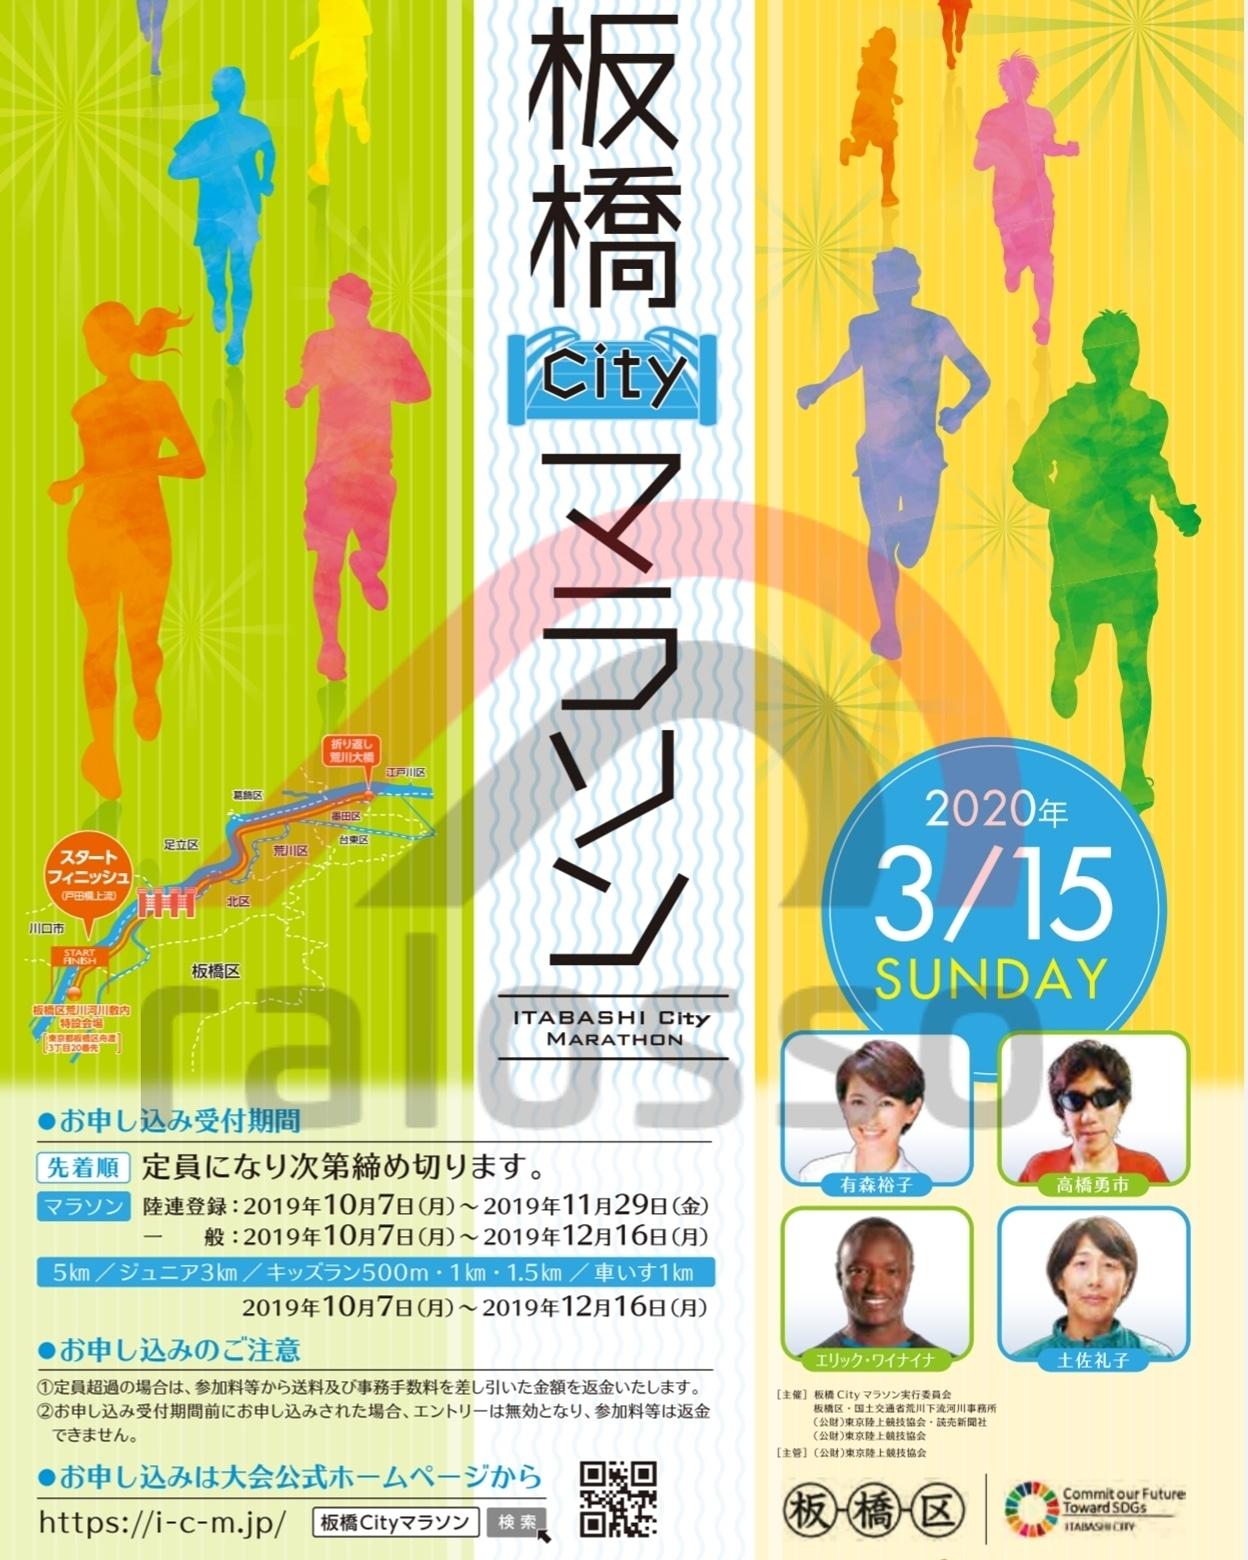 板橋cityマラソン出展